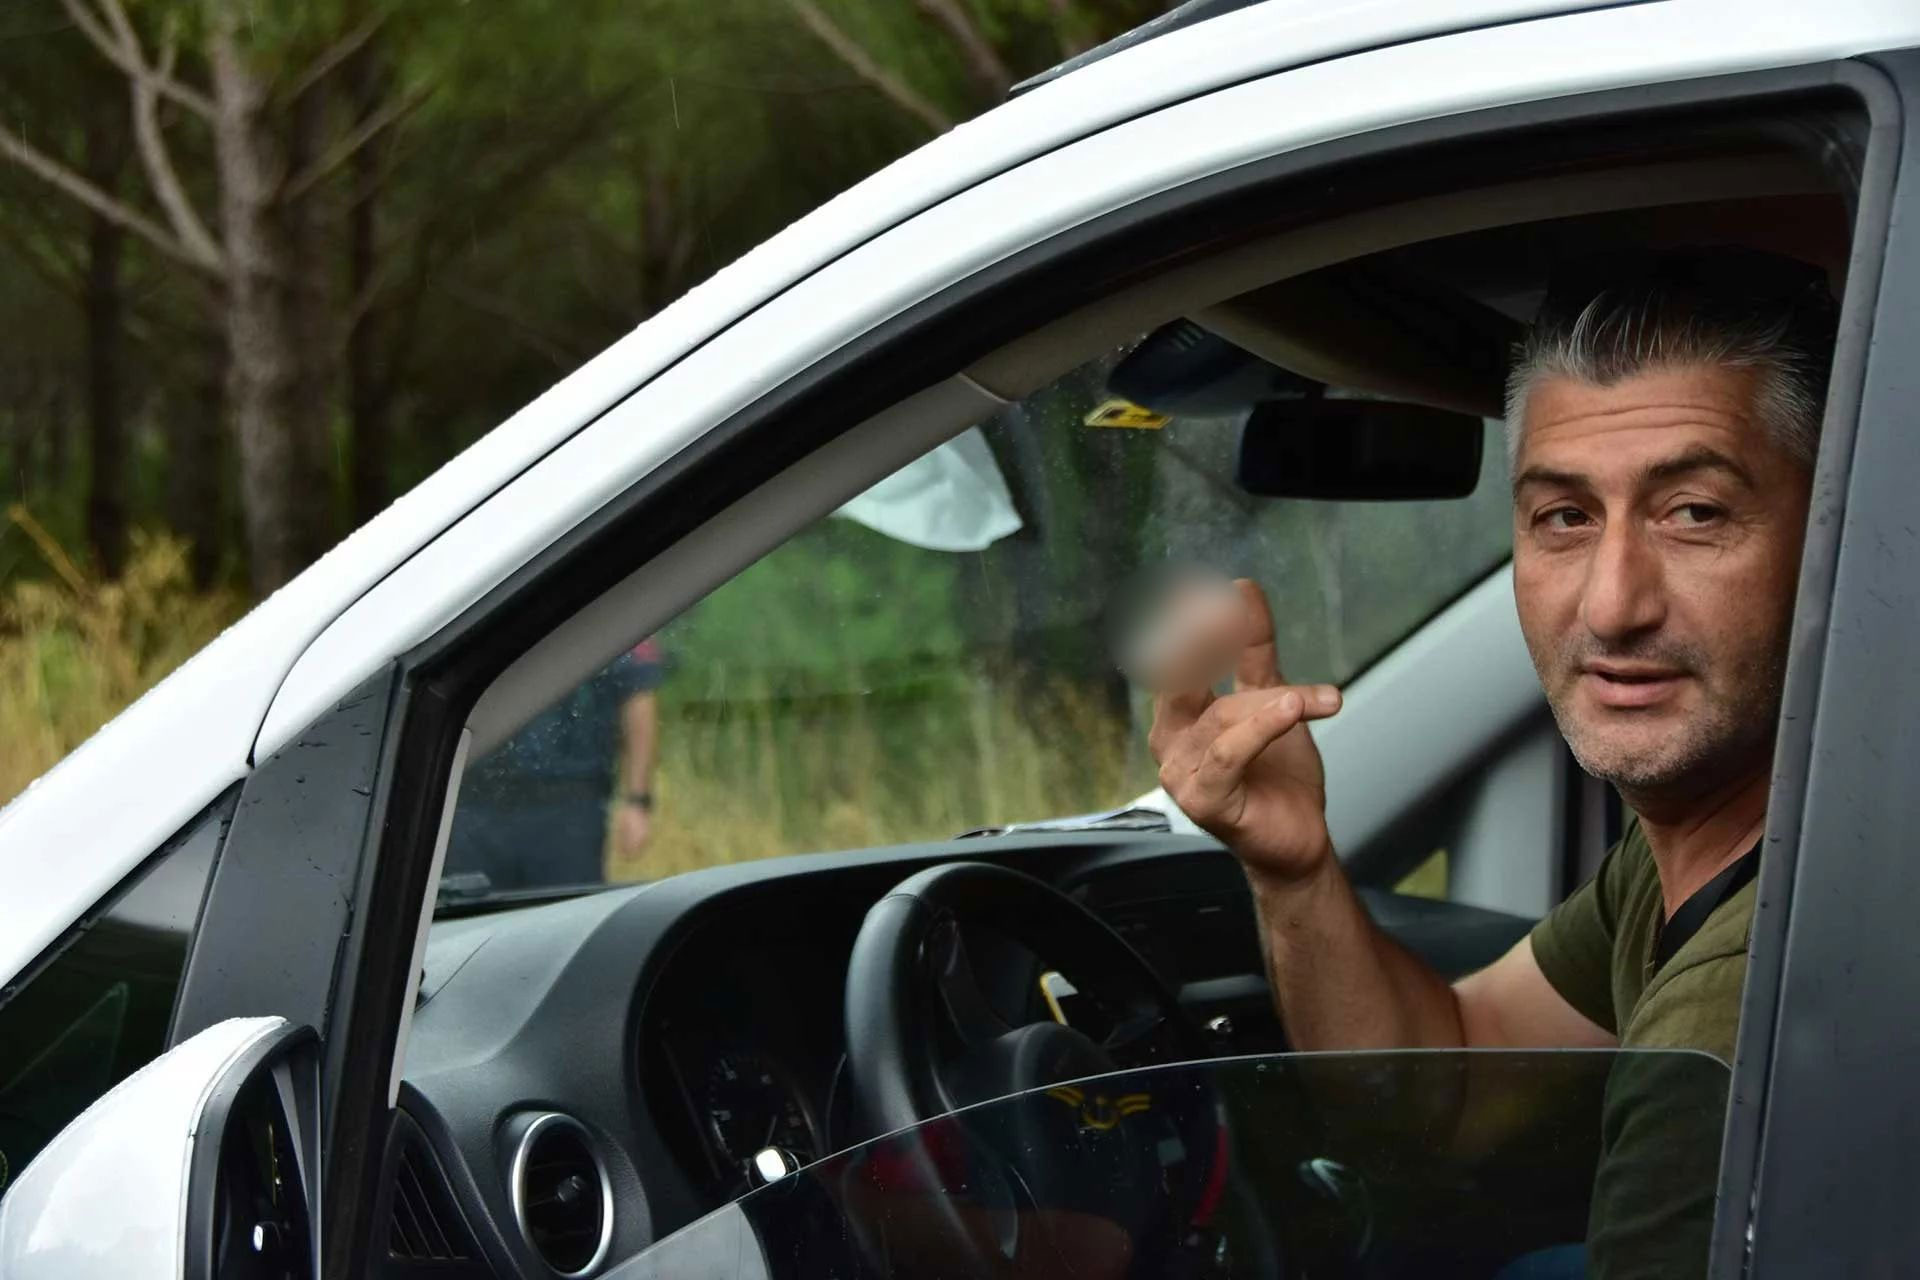 Arabada sigara içme cezası şakınlıkla karşılandı: 'Ciddi misiniz?'